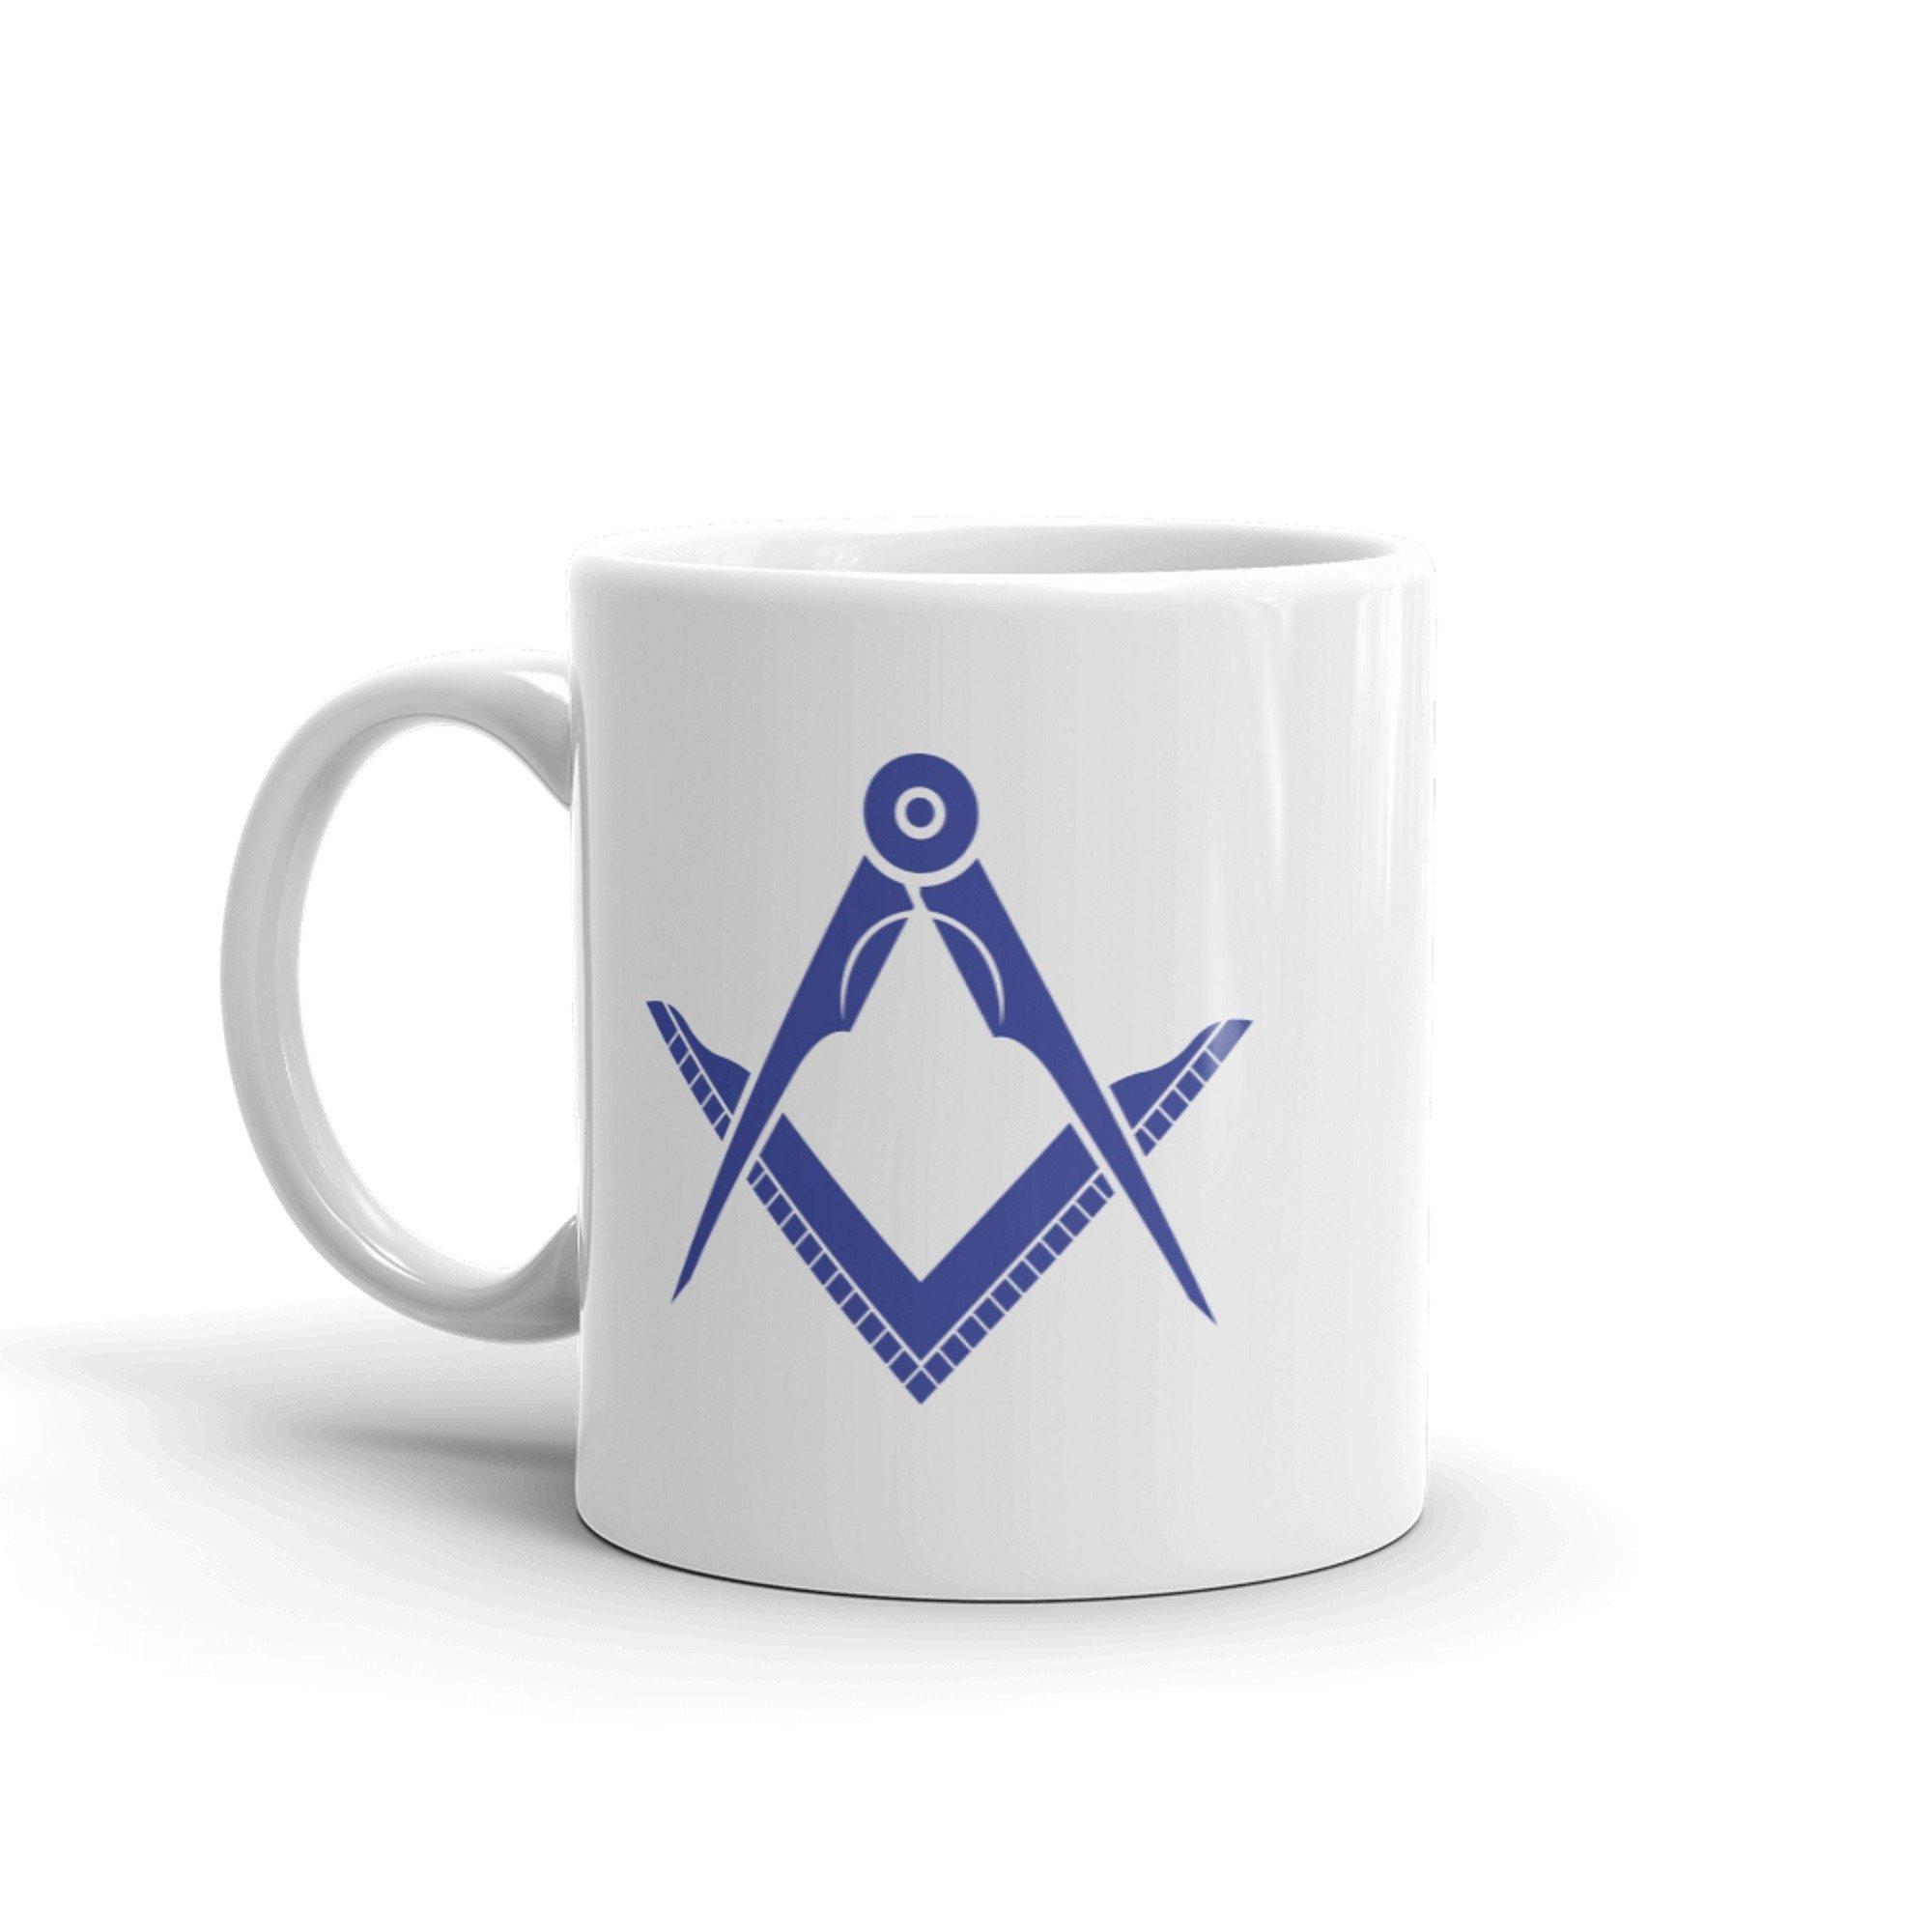 Masonic mug - Handle left